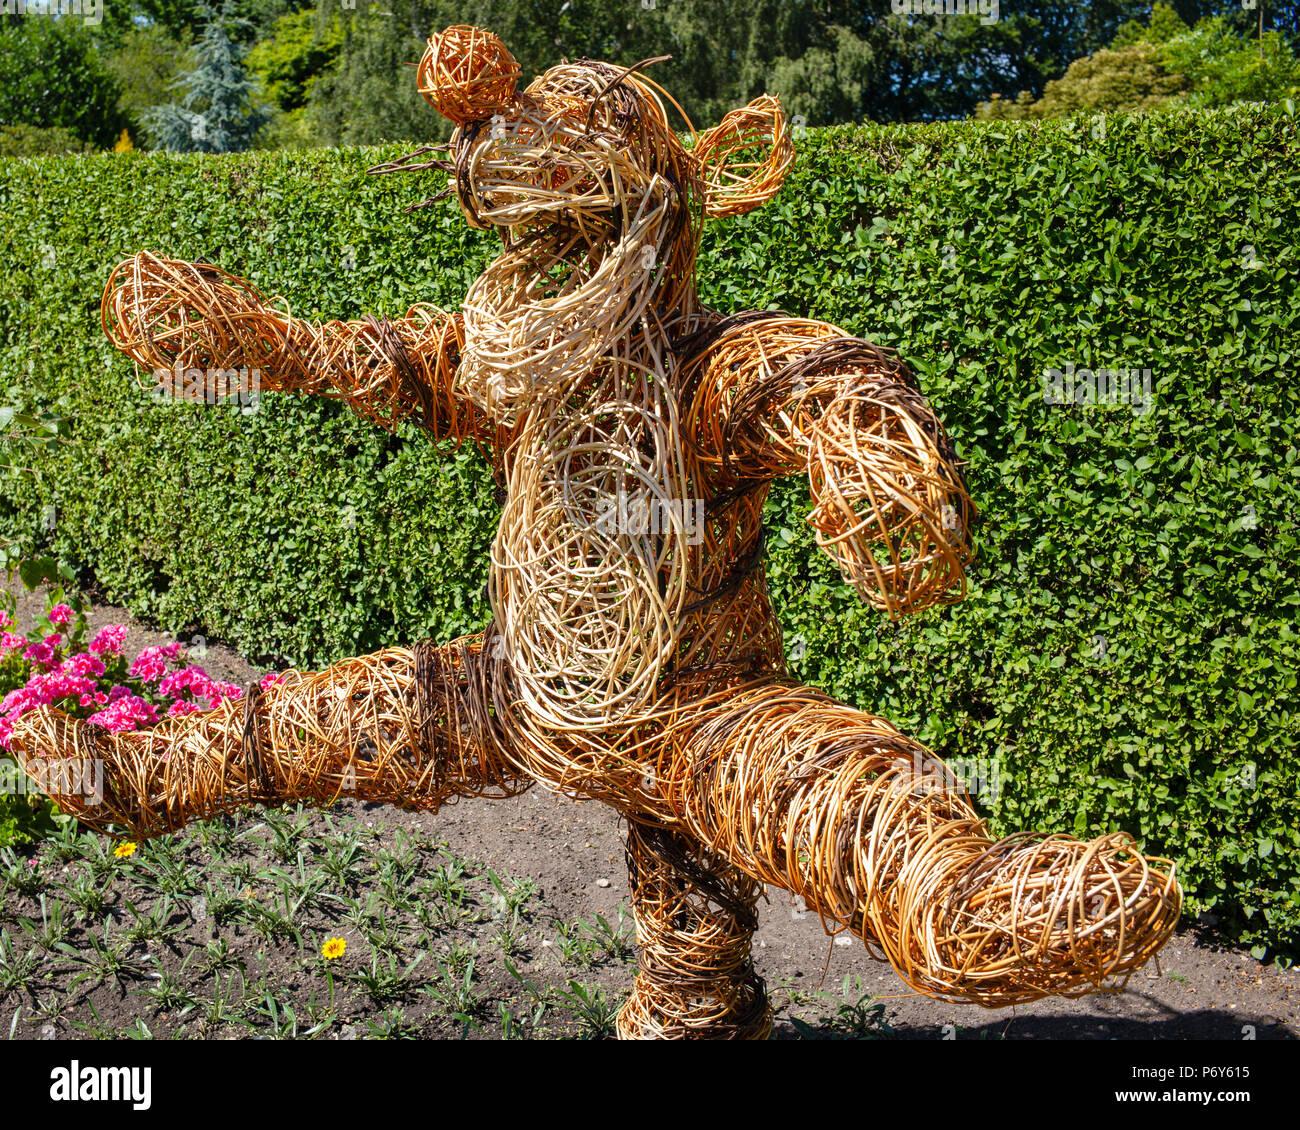 Tigger hüpft vor Freude nach 80 Jahren Spaß, Homestead Park, York, UK Stockbild